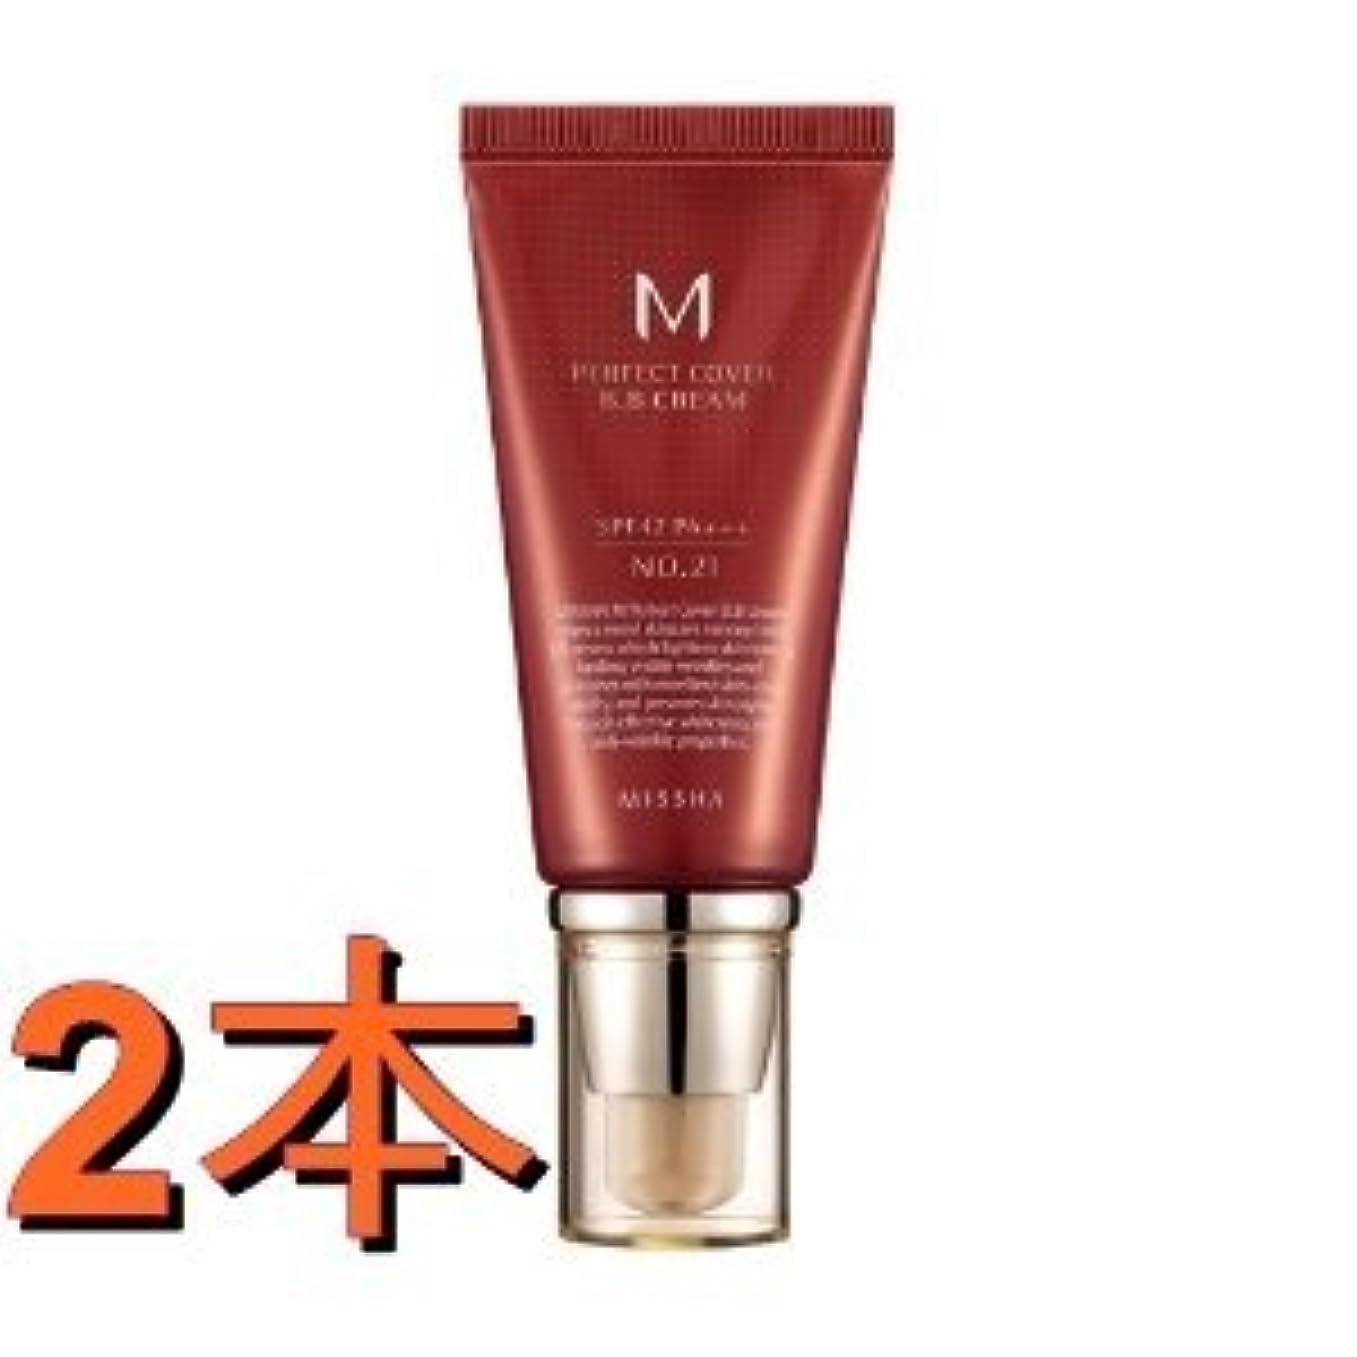 永久修正性能MISSHA(ミシャ) M パーフェクトカバー BB クリーム 2本セット NO.23 (ナチュラルでおちつきのある肌色) SPF42 PA++ 50ml [並行輸入品]